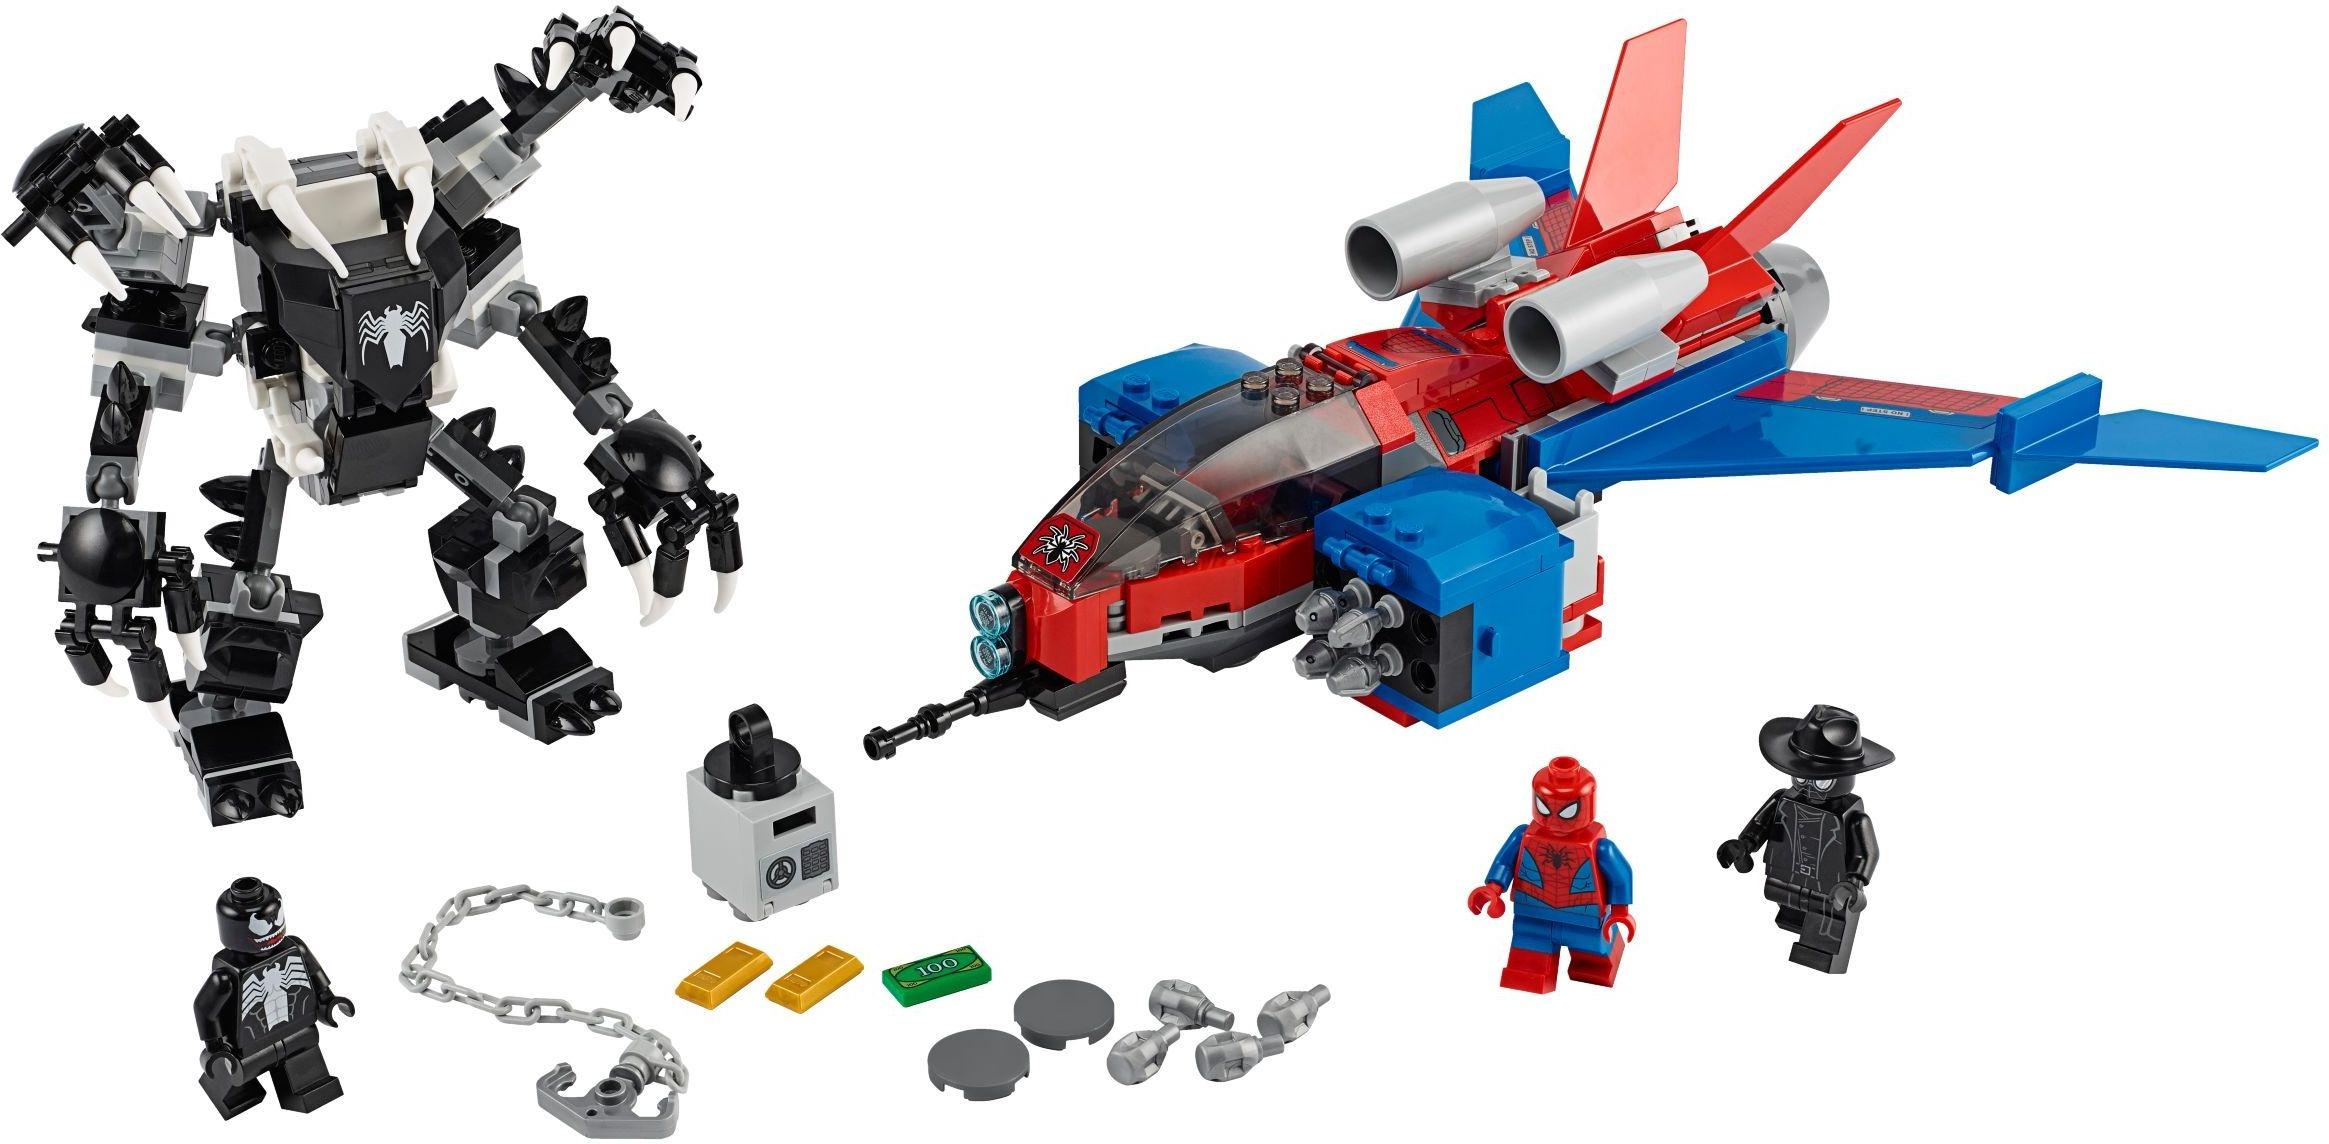 Реактивный самолёт Человека-Паука против Робота Венома